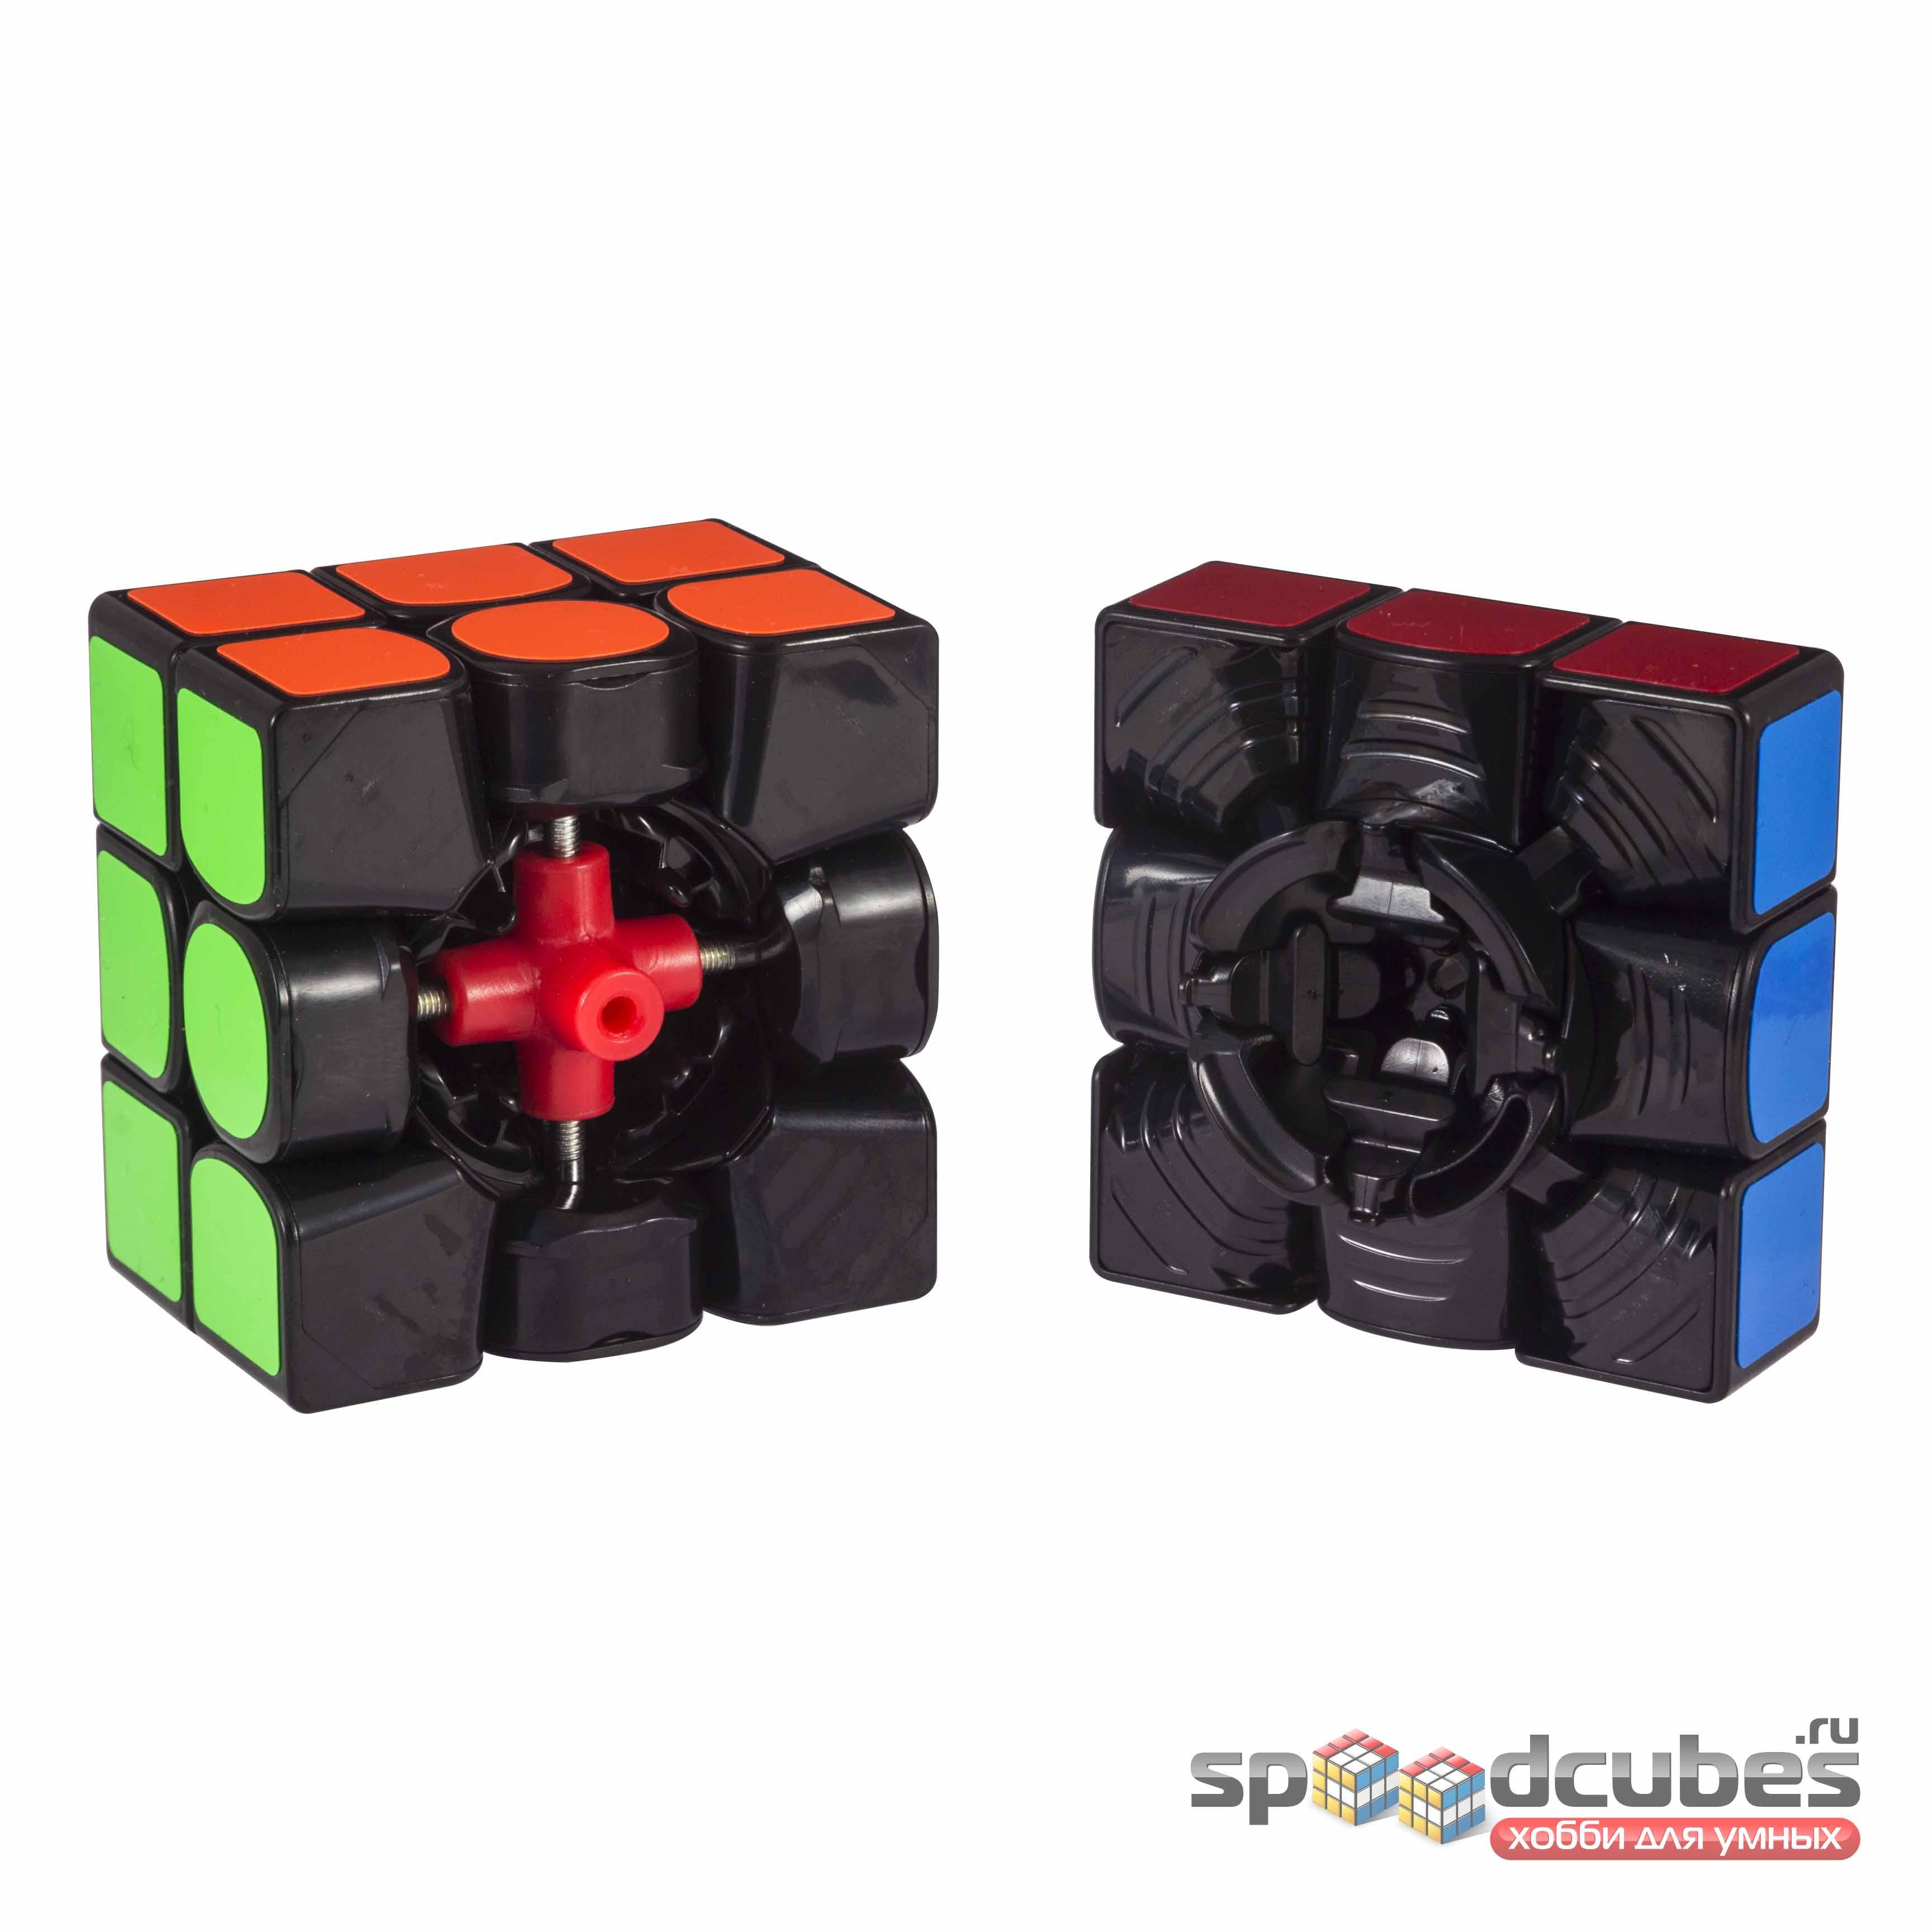 ShengShou 3x3x3 FanYuan V2 M 4